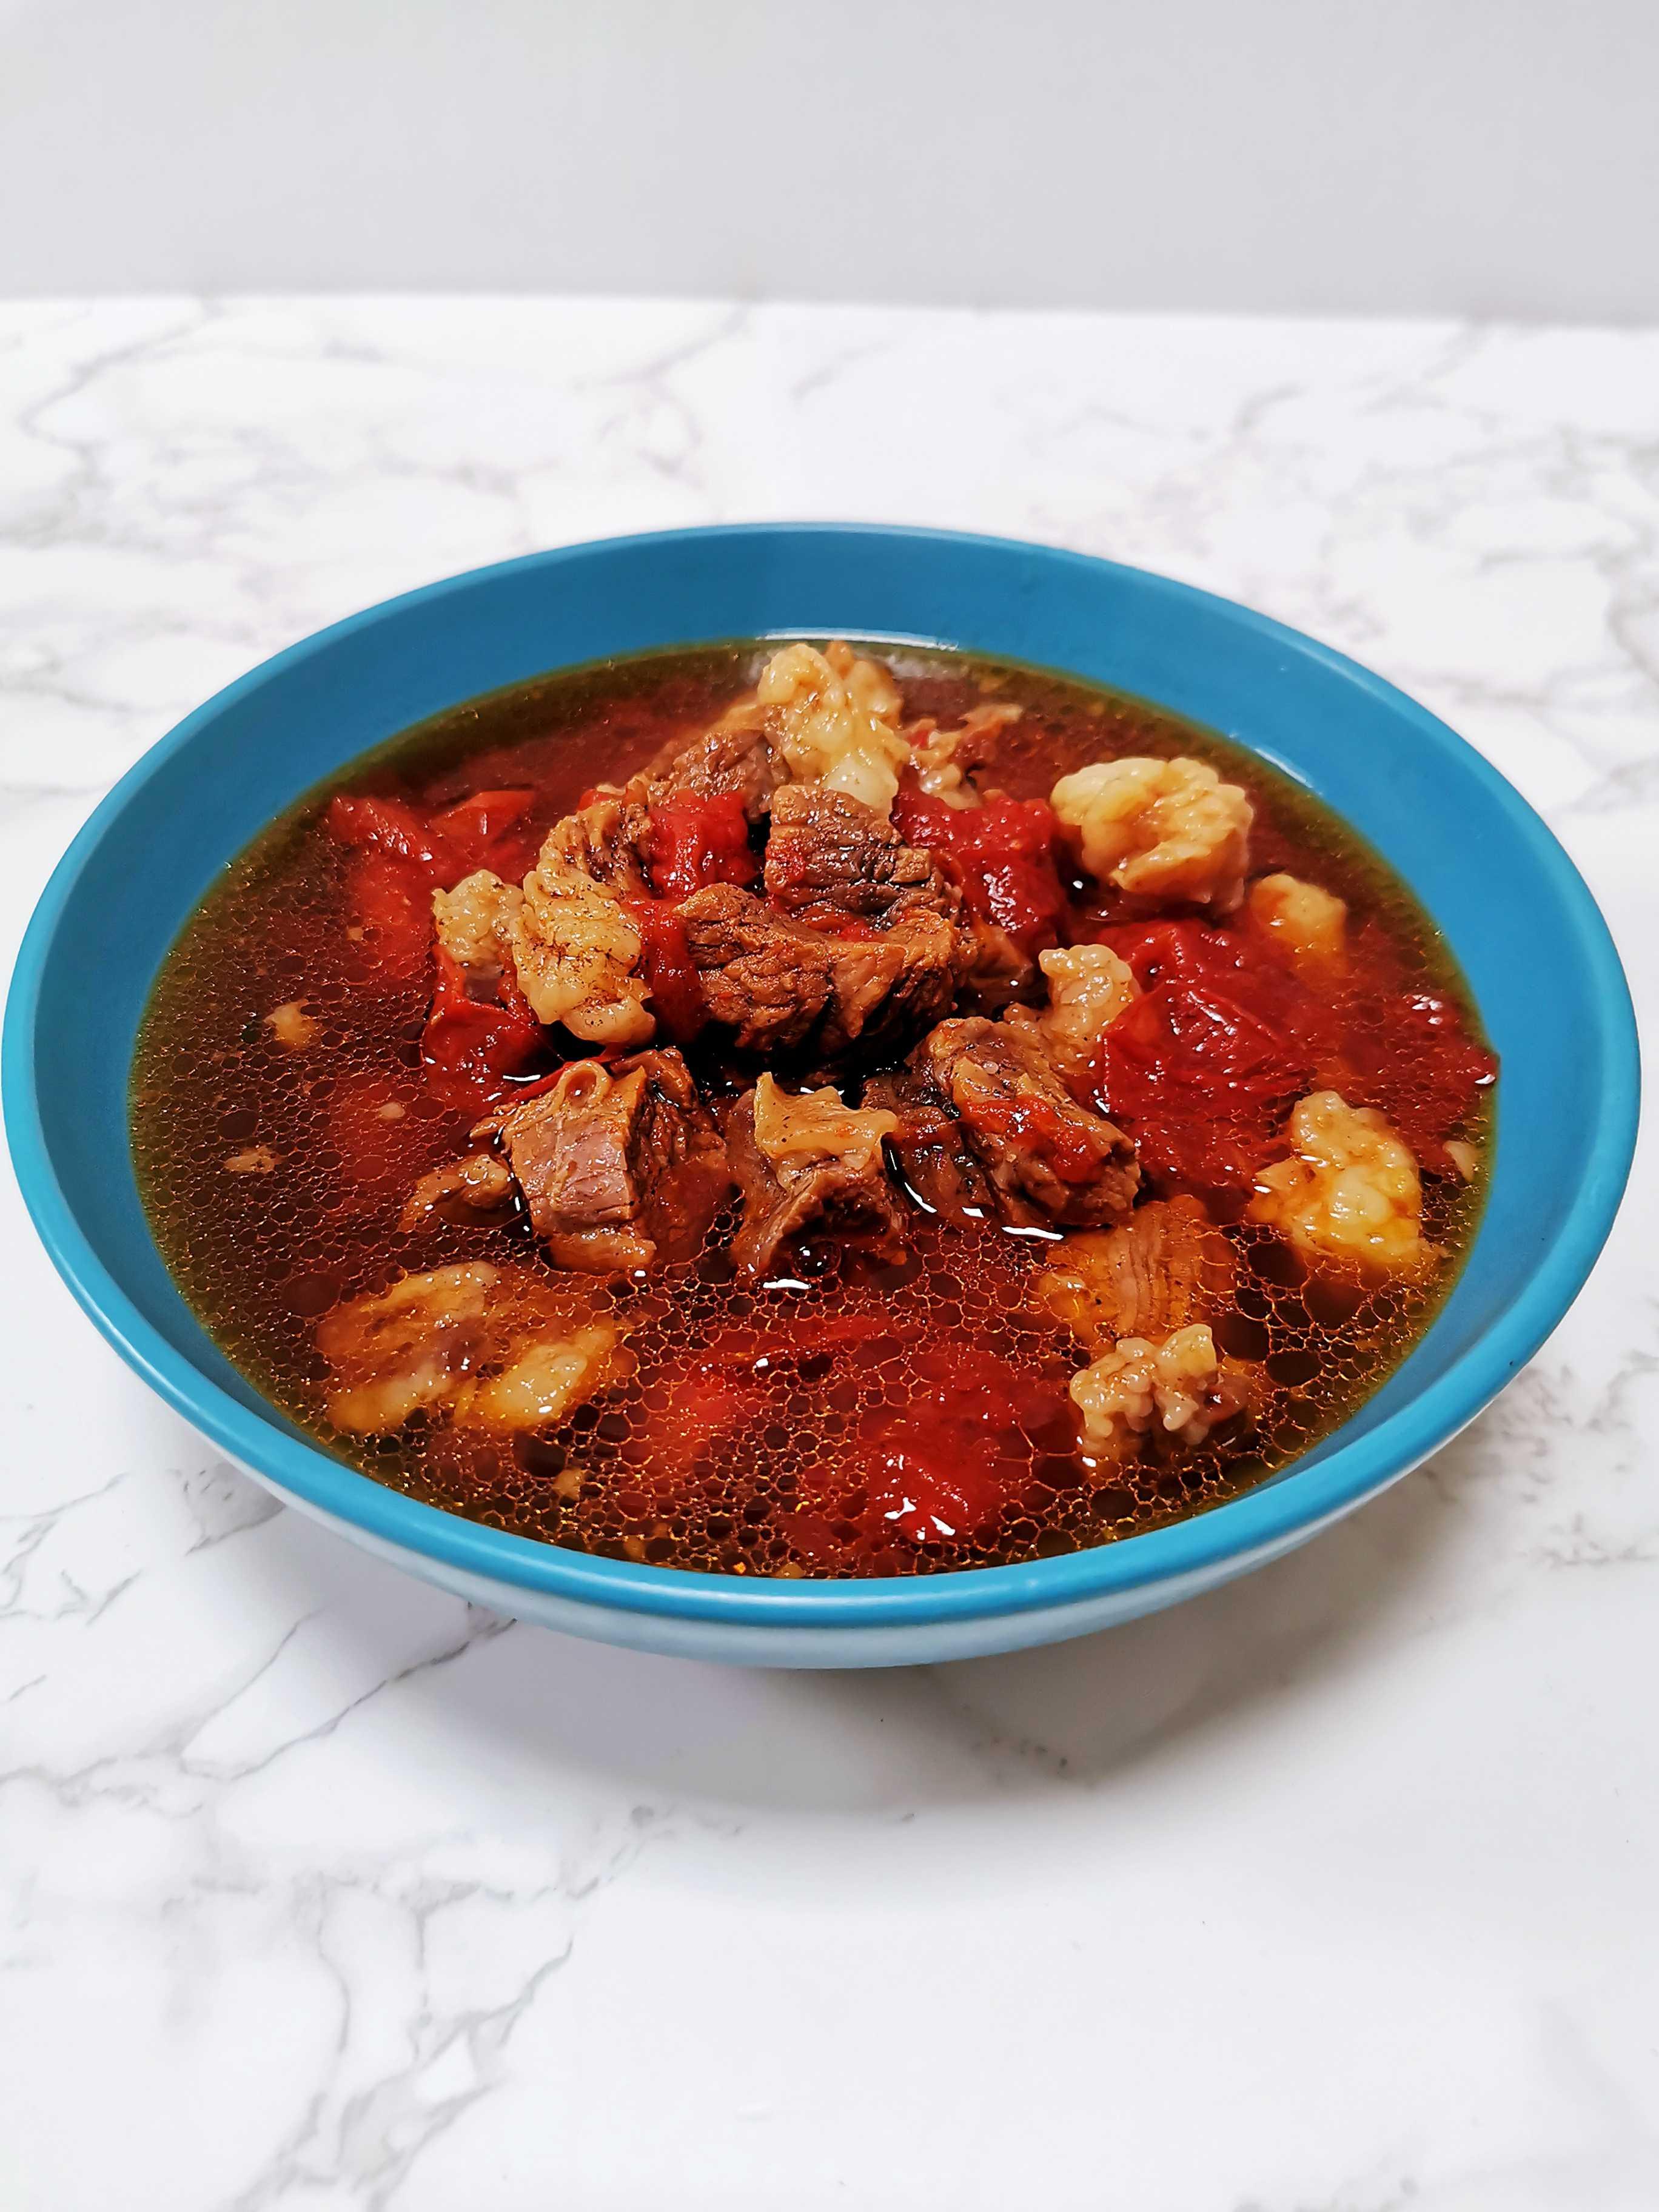 不加一滴水做出来的西红柿炖牛肉,保证汤汁你都要喝光成品图